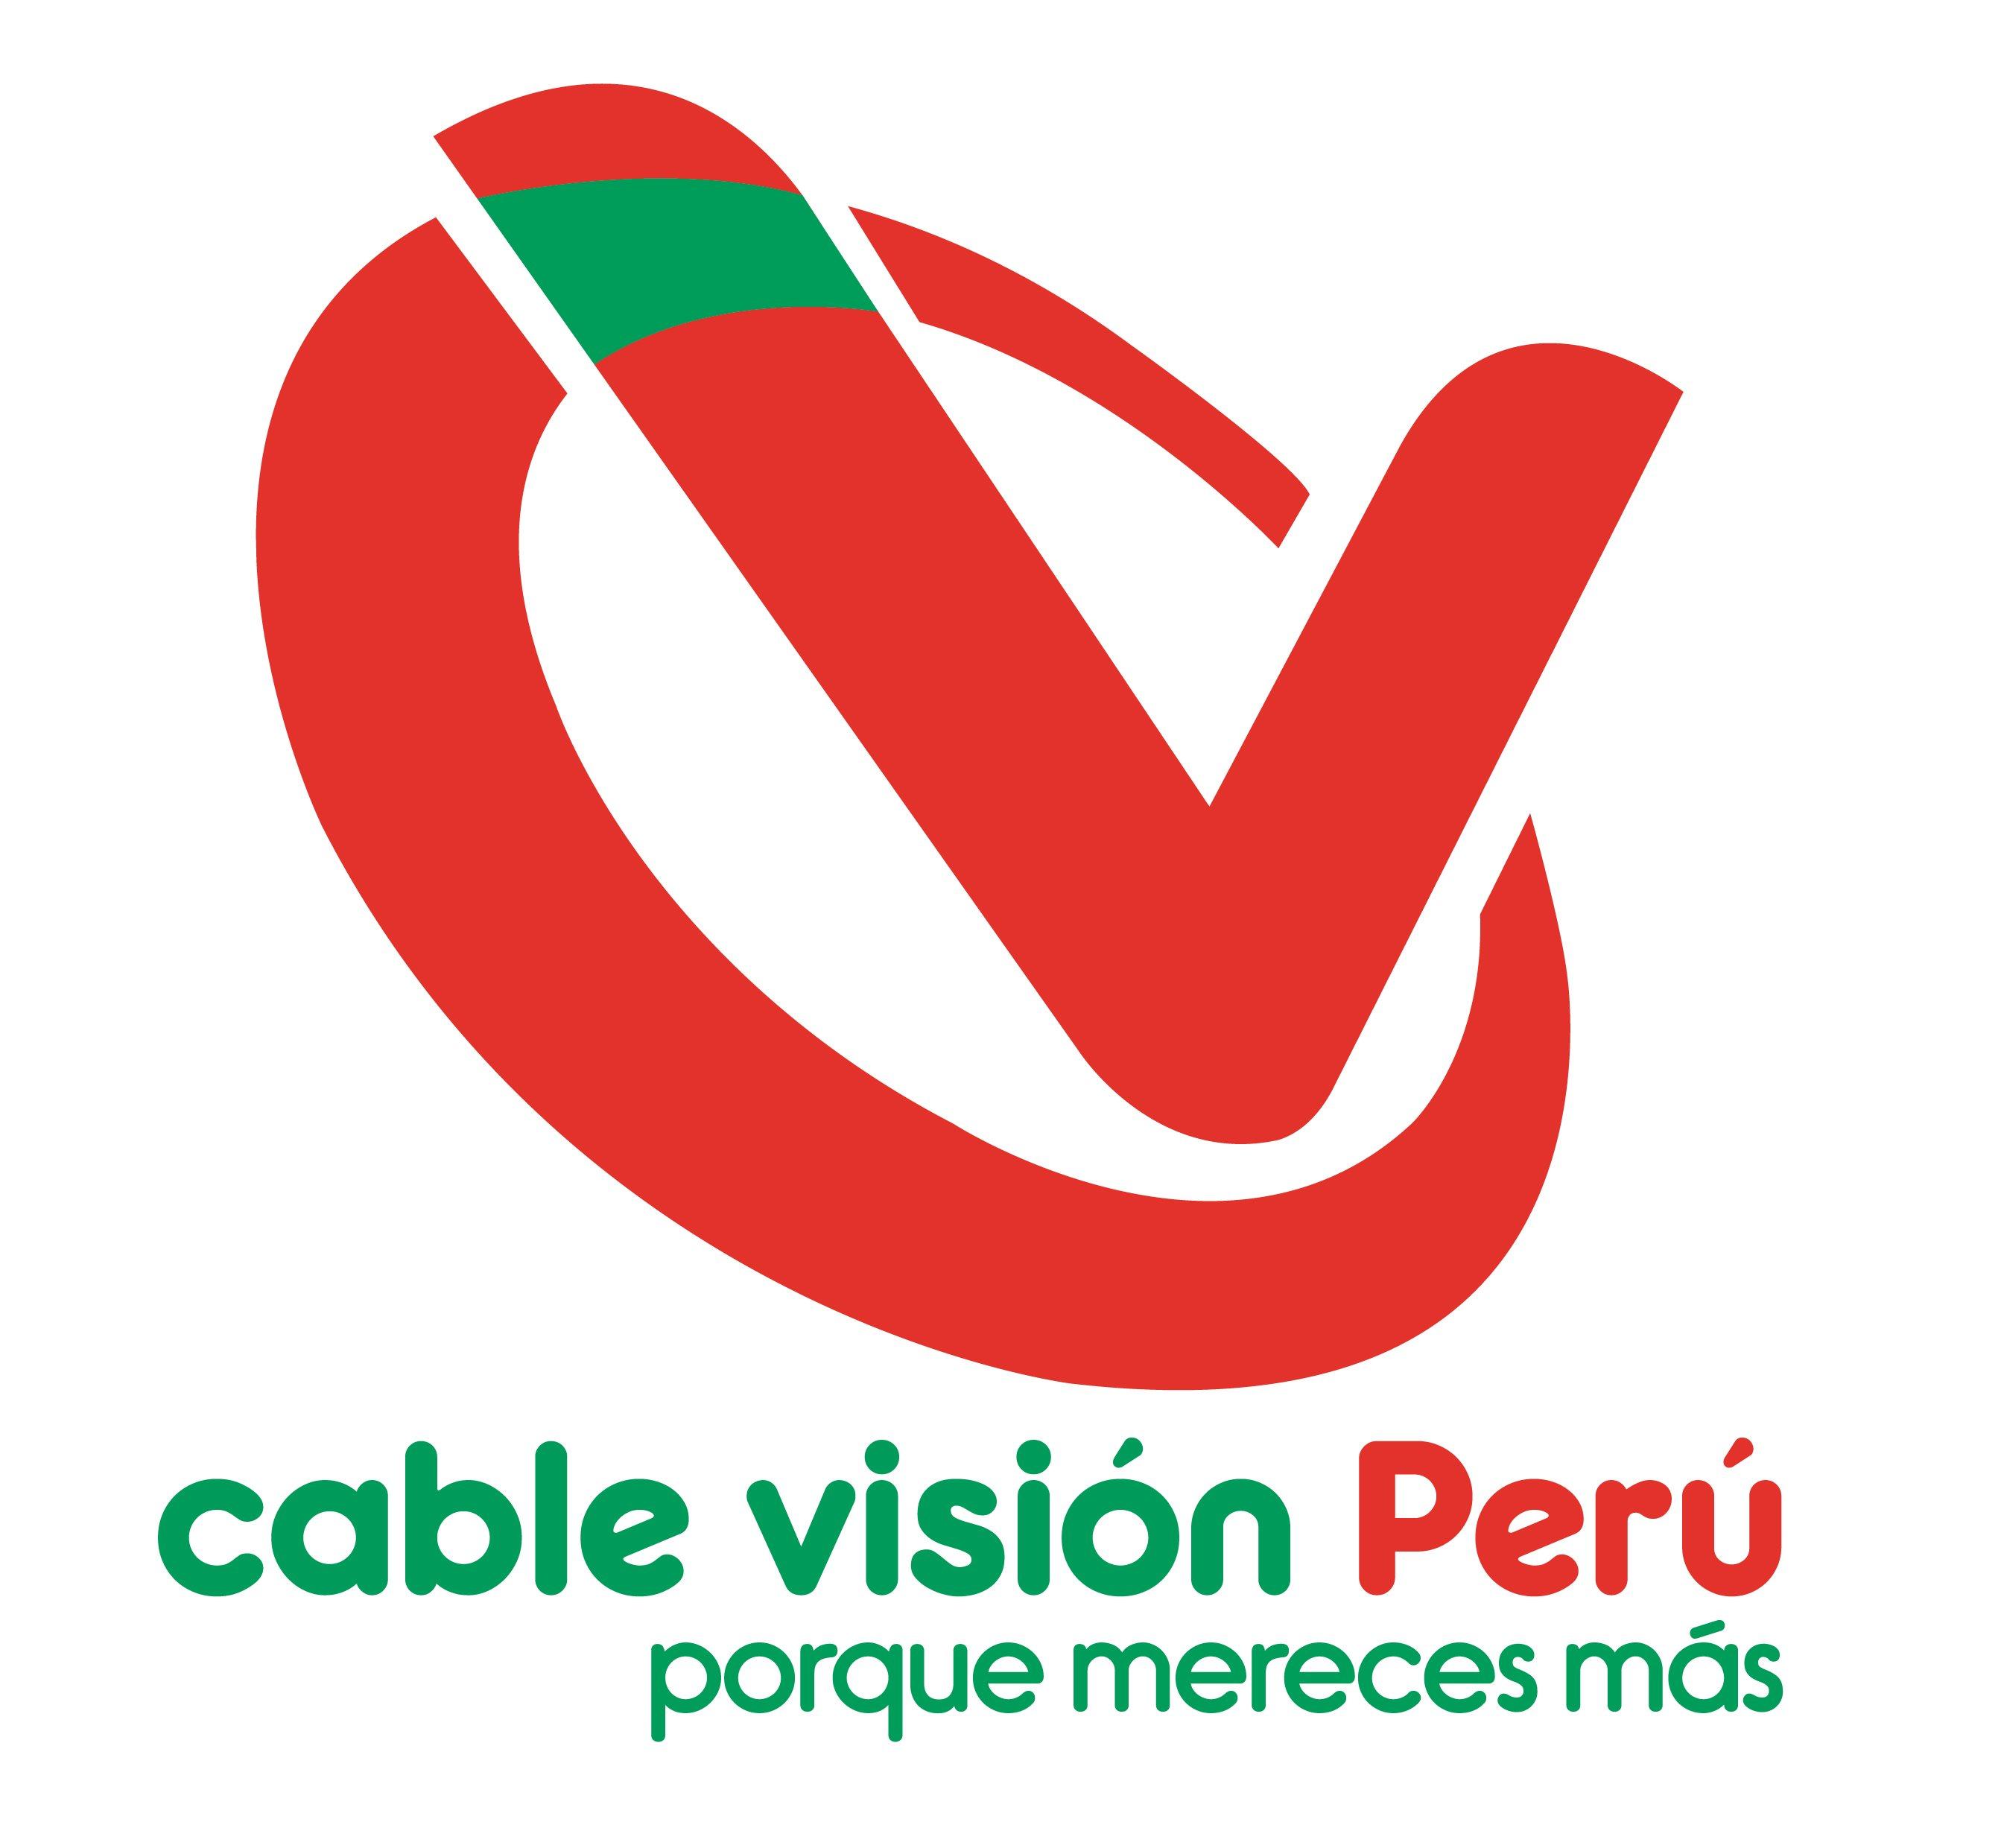 CABLE VISIÓN PERÚ